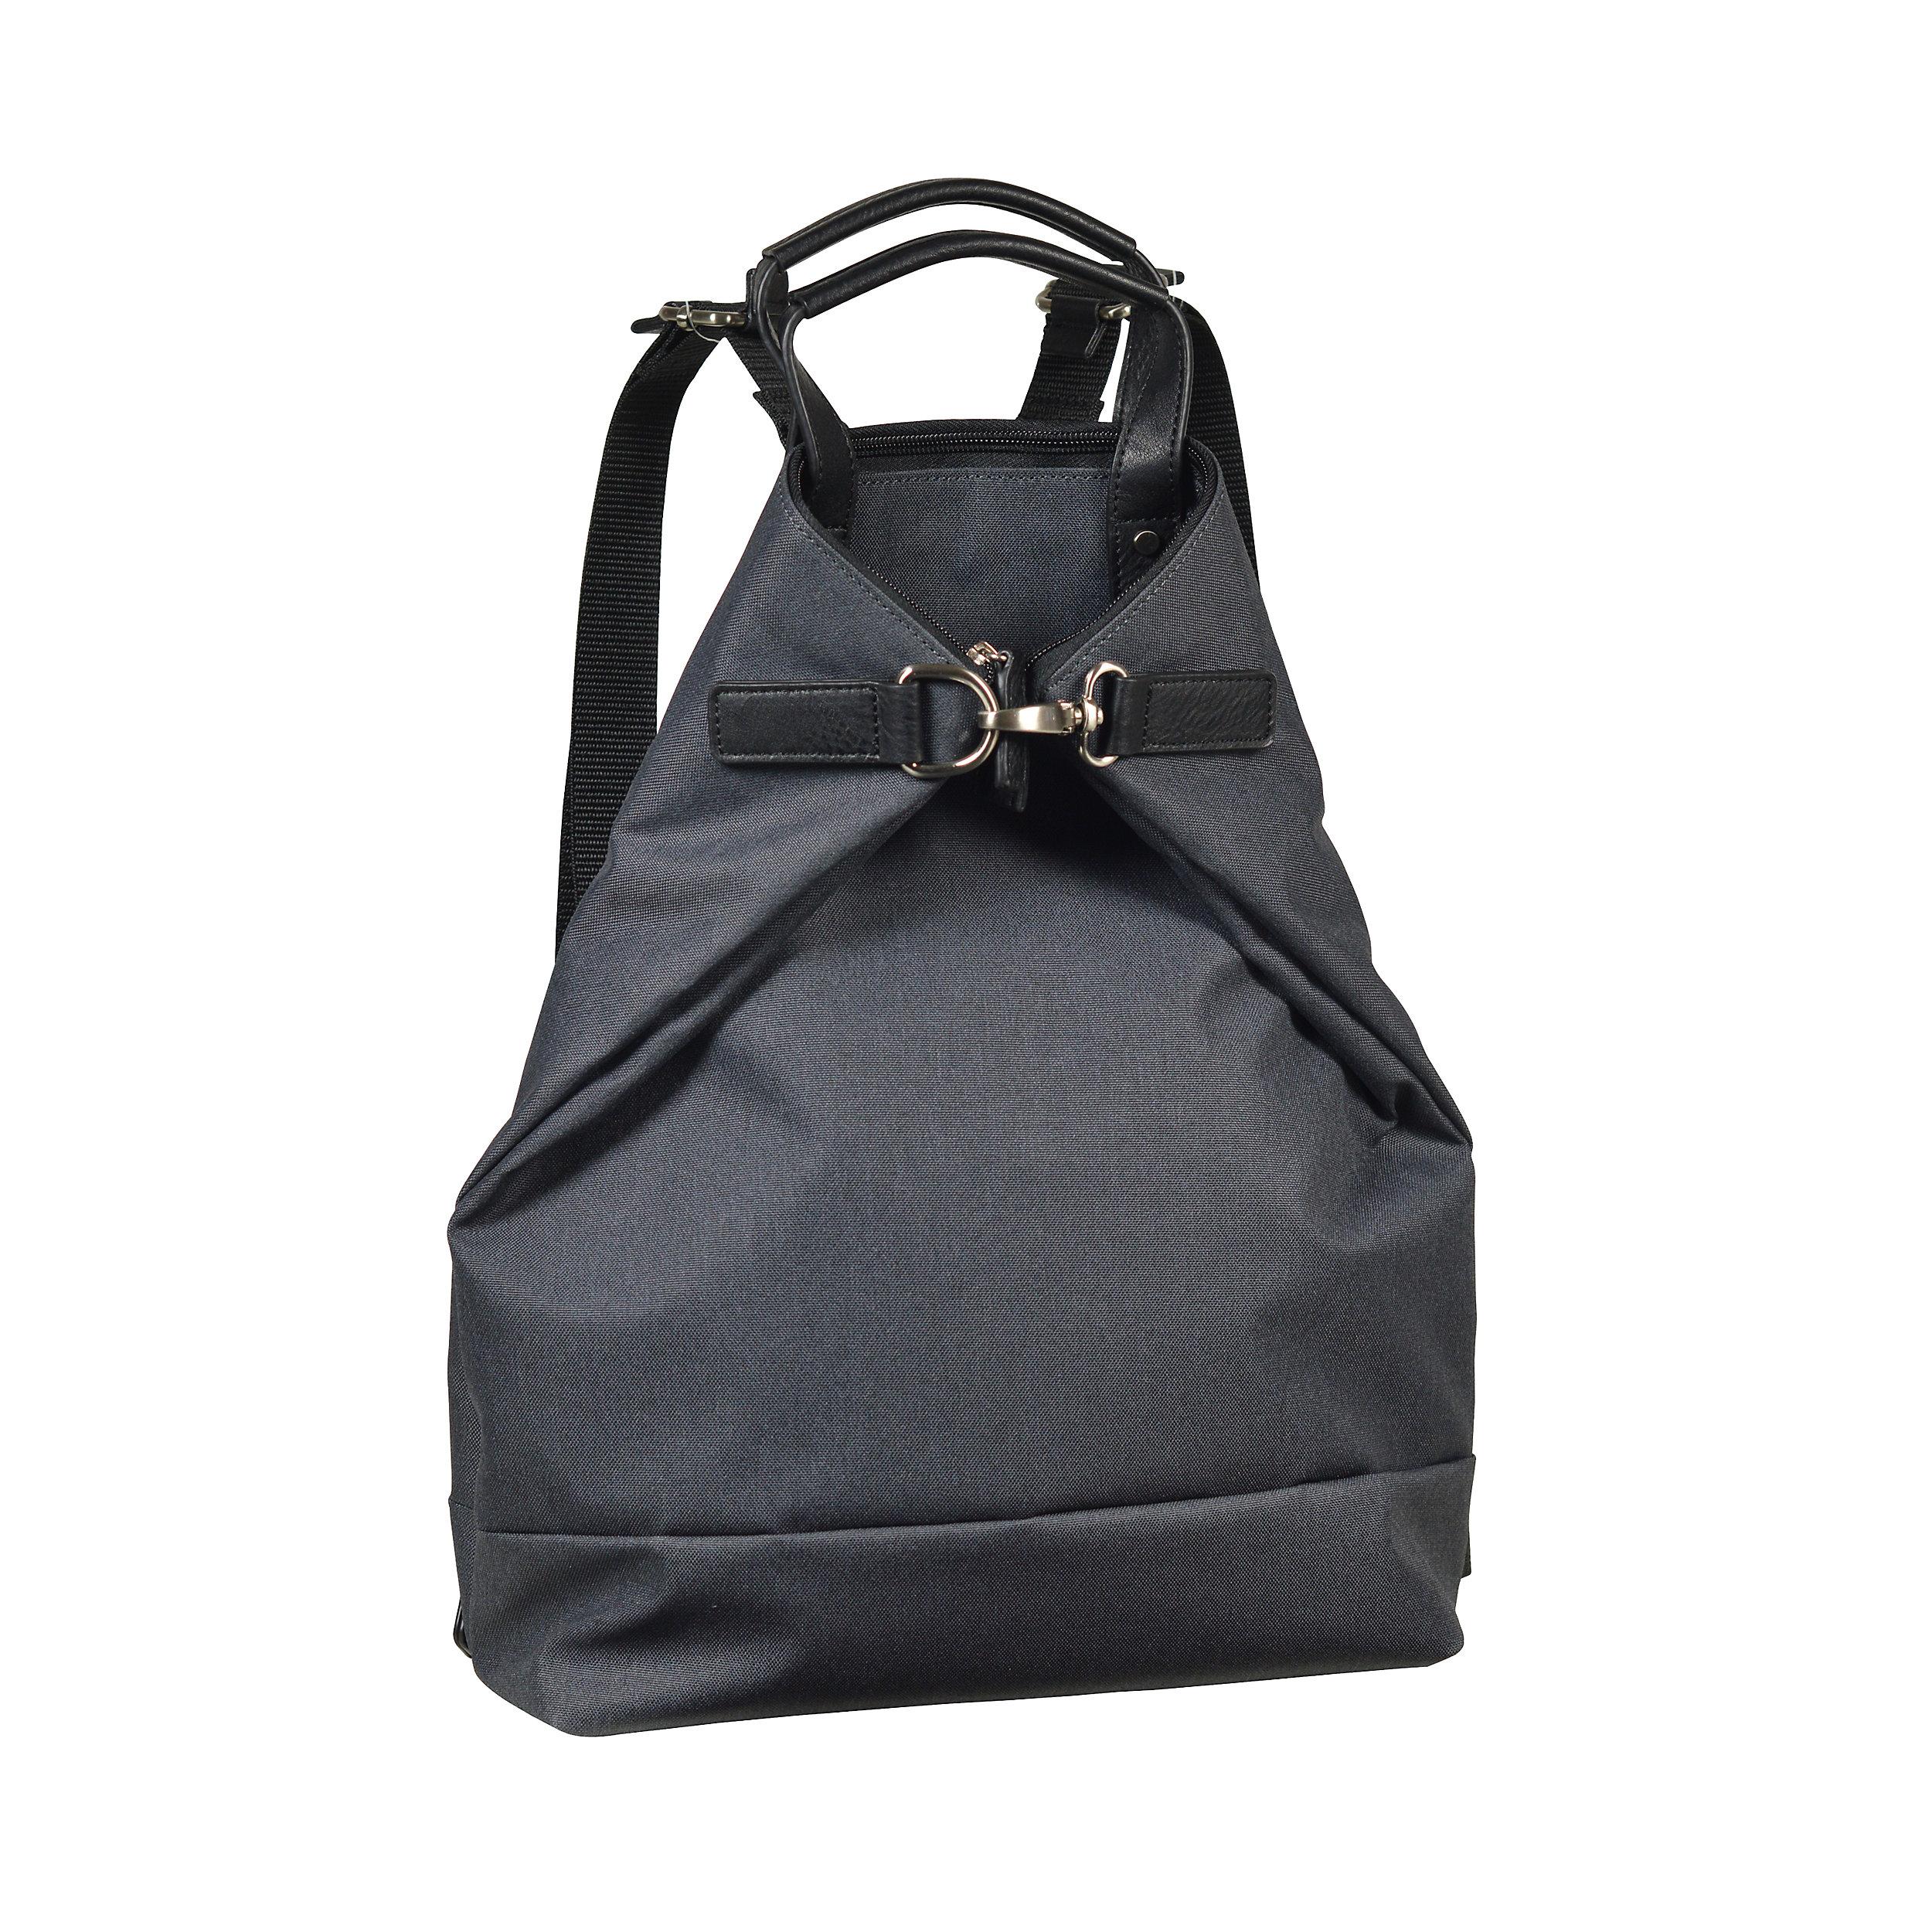 Backpack XChange Bag 3in1 13 Inch Medium Bergen